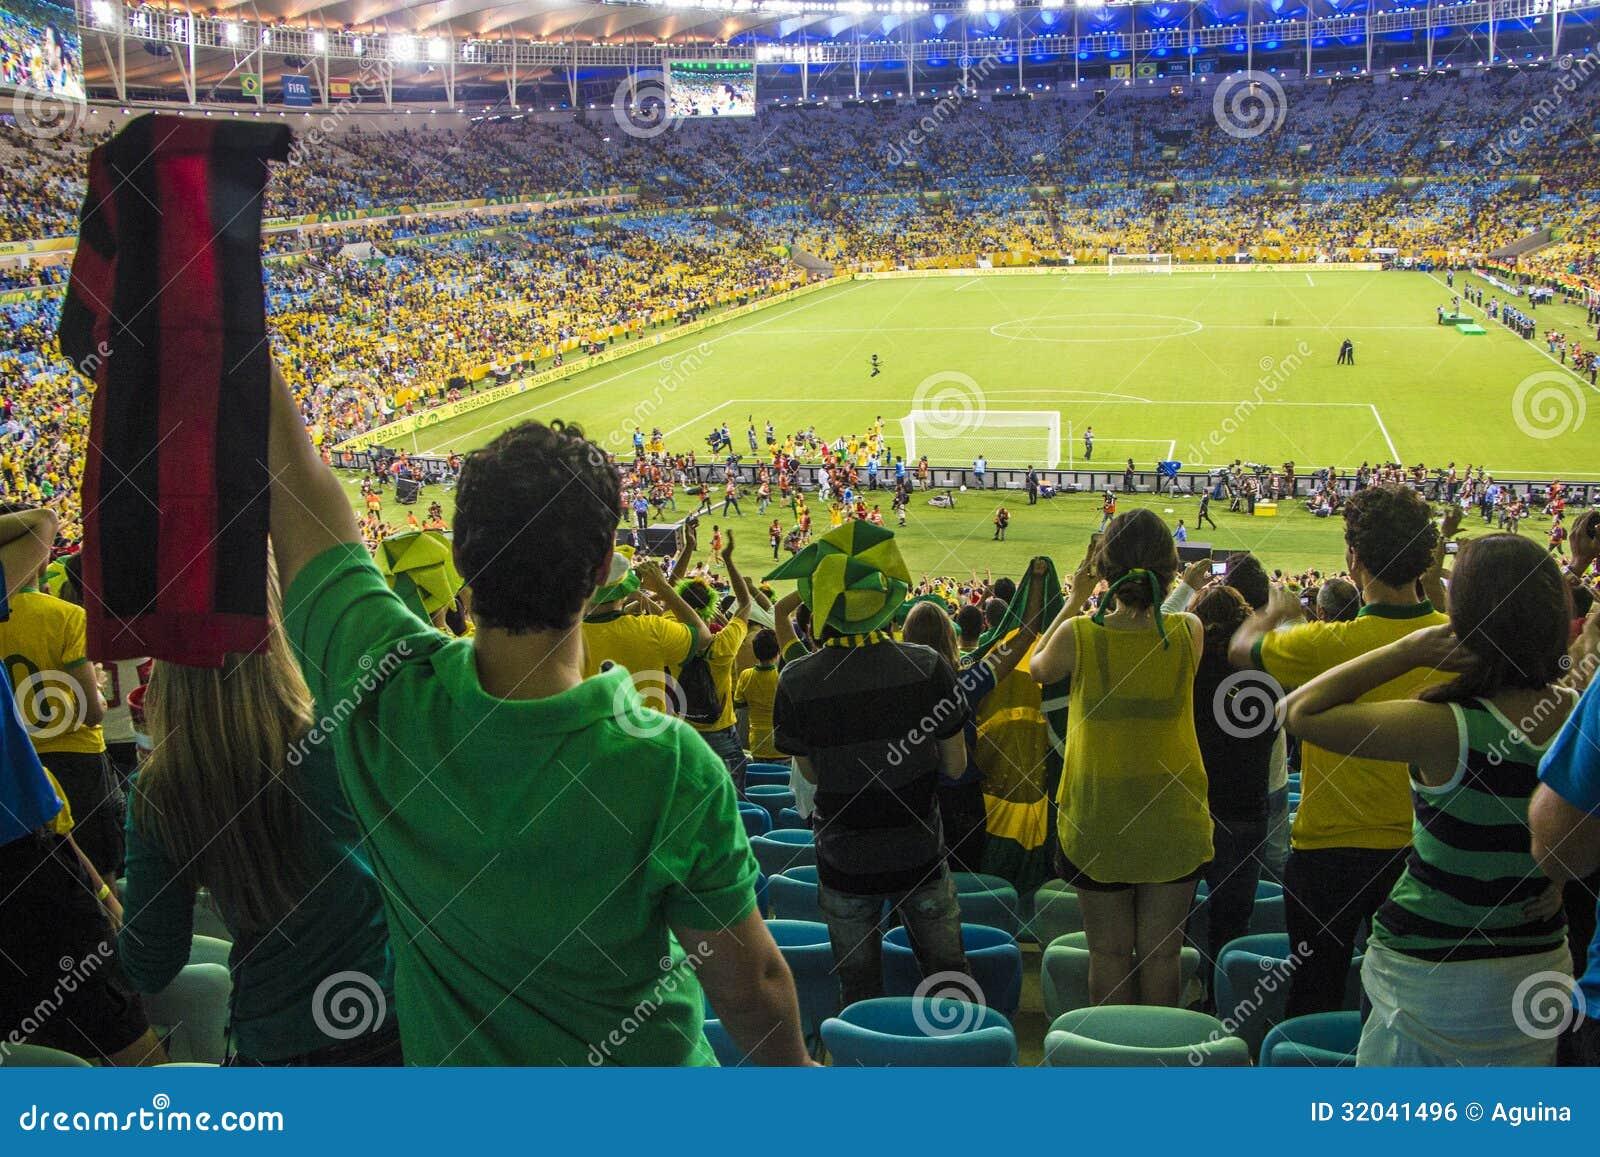 Confederation Cup Calendario.Confederations Cup 2013 Brazil X Spain Maracana